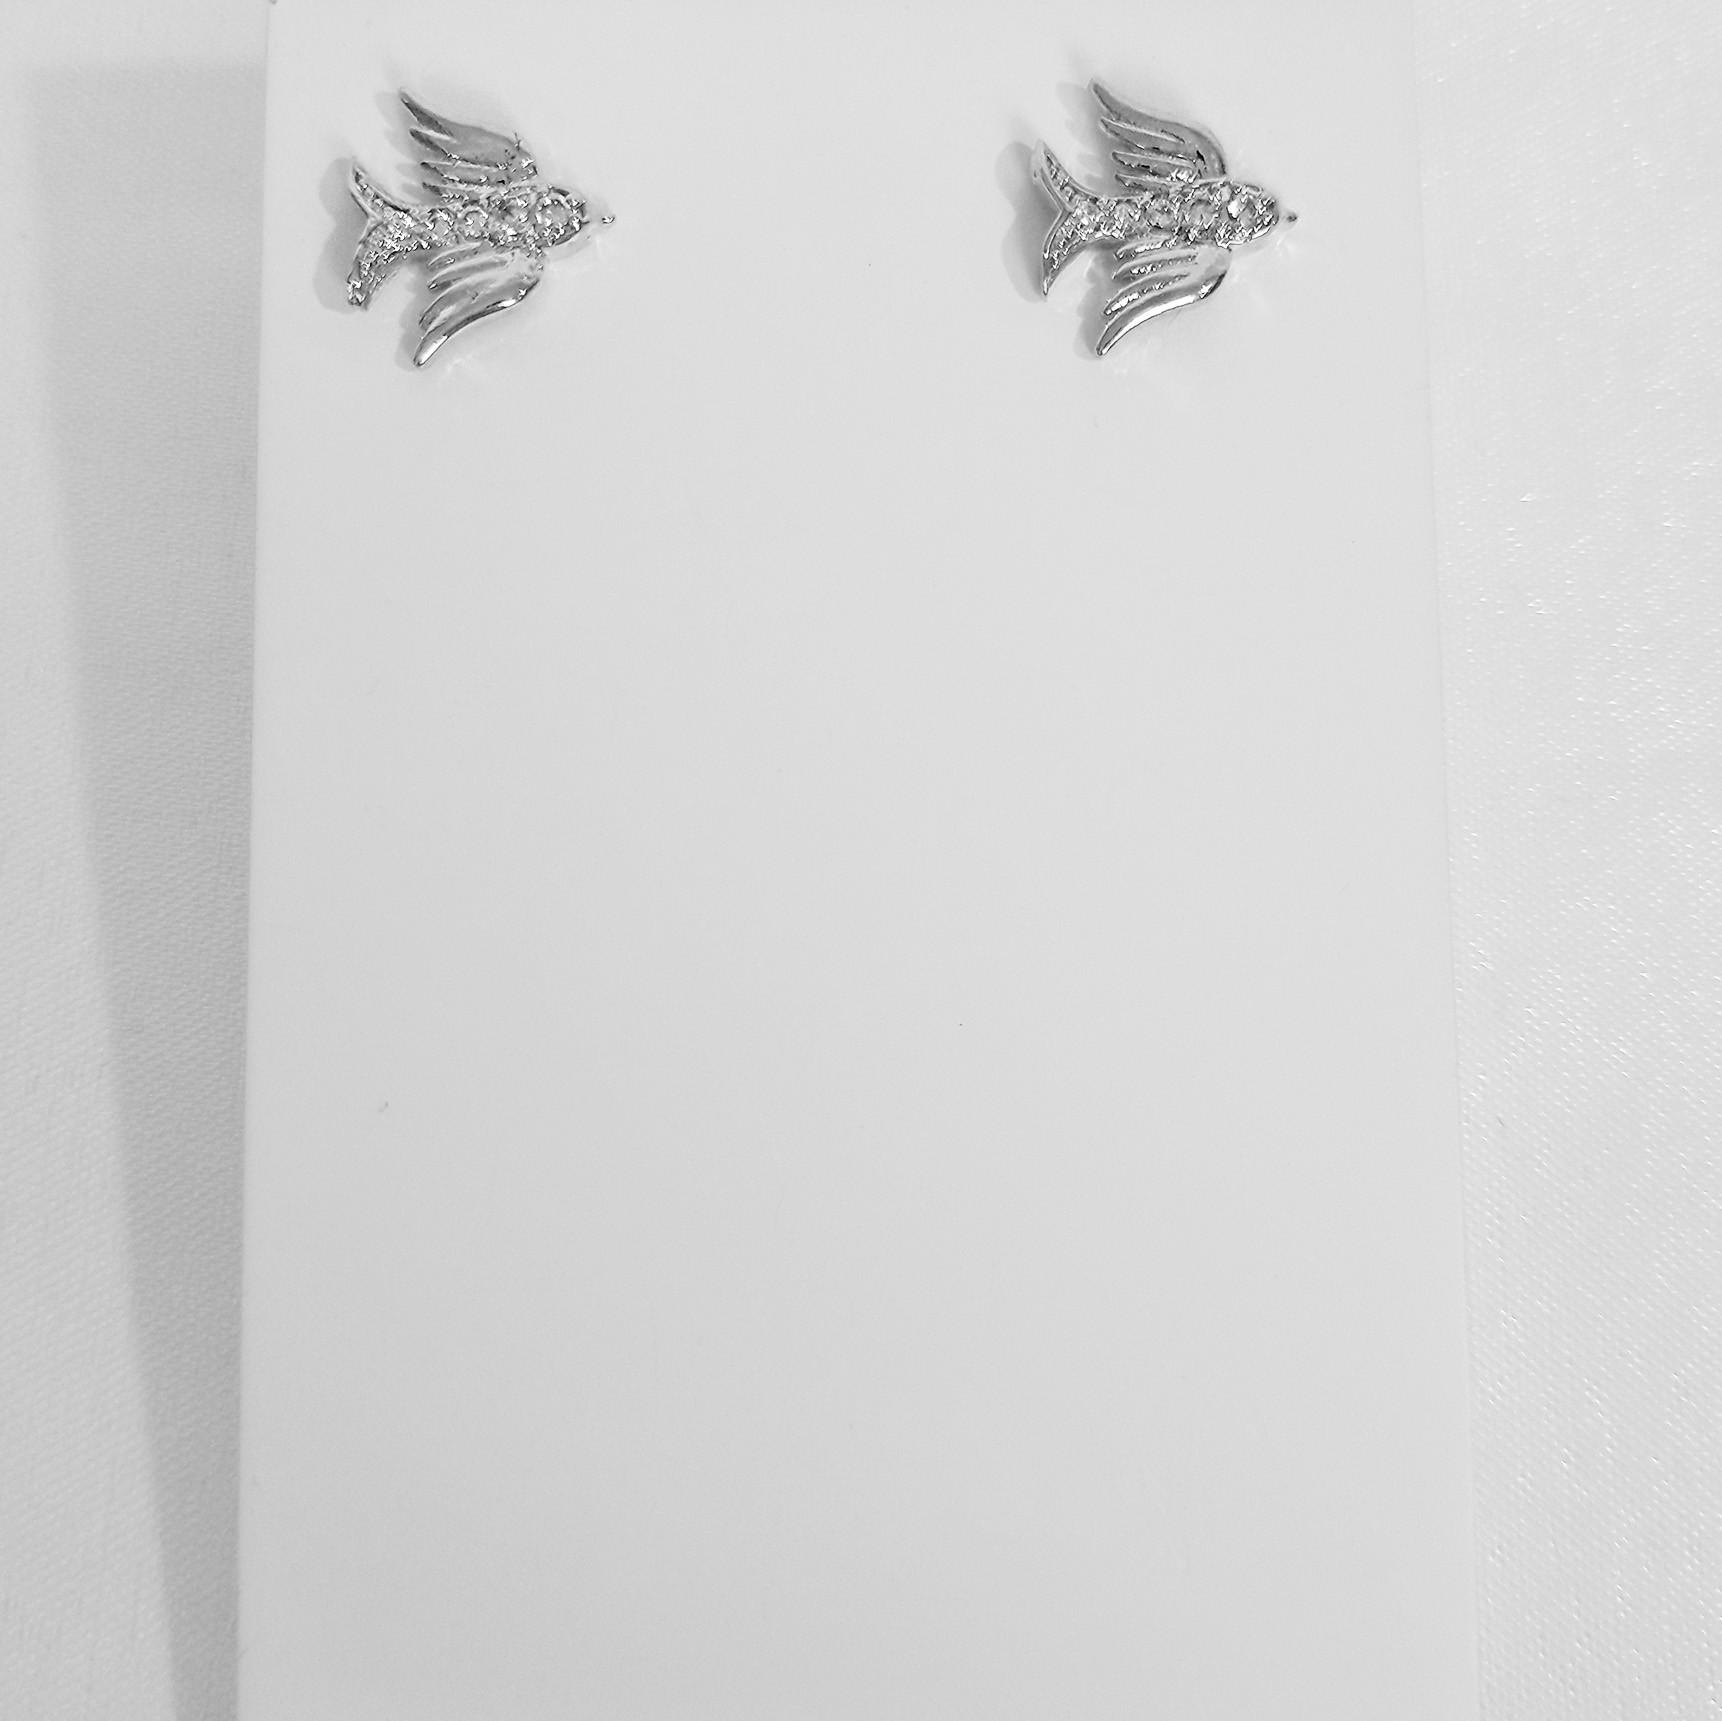 Brinco Pequeno Pássaro com Zircônia Folheado a Prata 1000  - Lunozê Joias